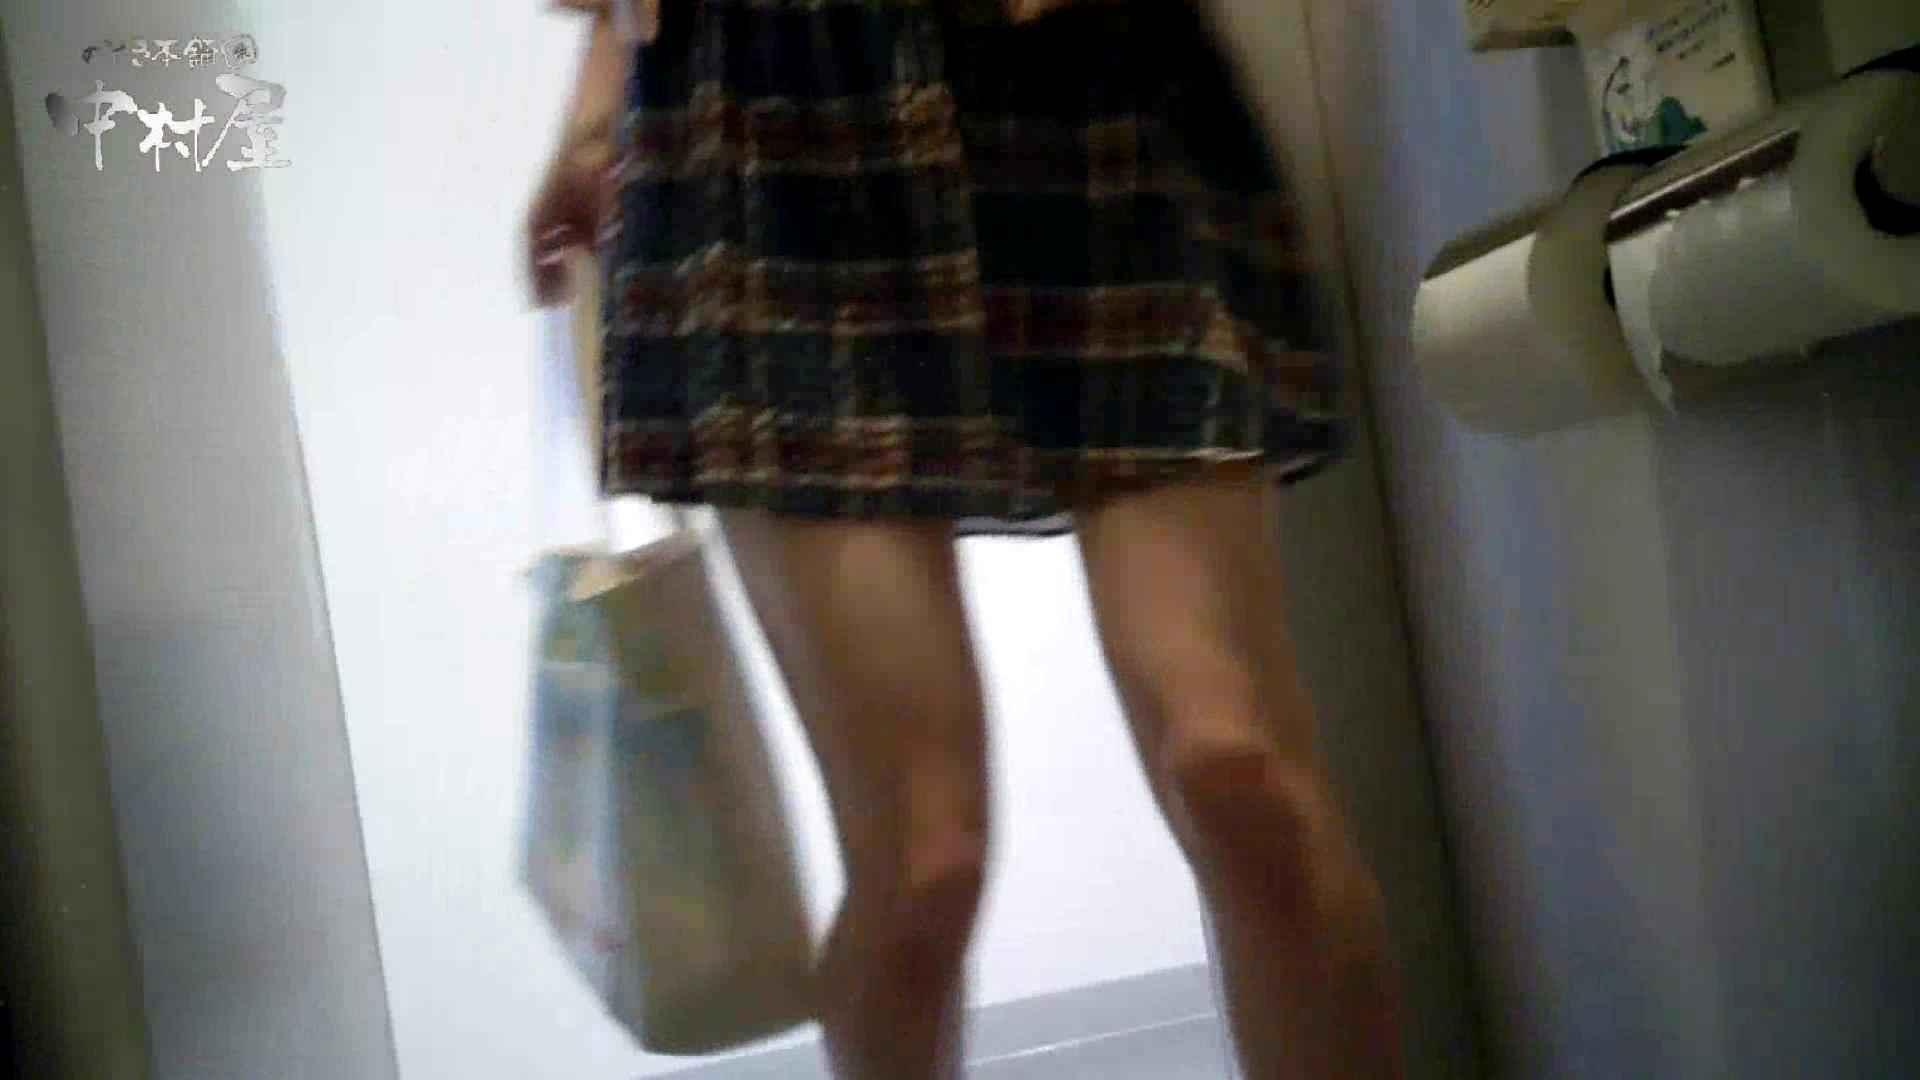 【某有名大学女性洗面所】有名大学女性洗面所 vol.40 ??おまじない的な動きをする子がいます。 潜入 われめAV動画紹介 12pic 2